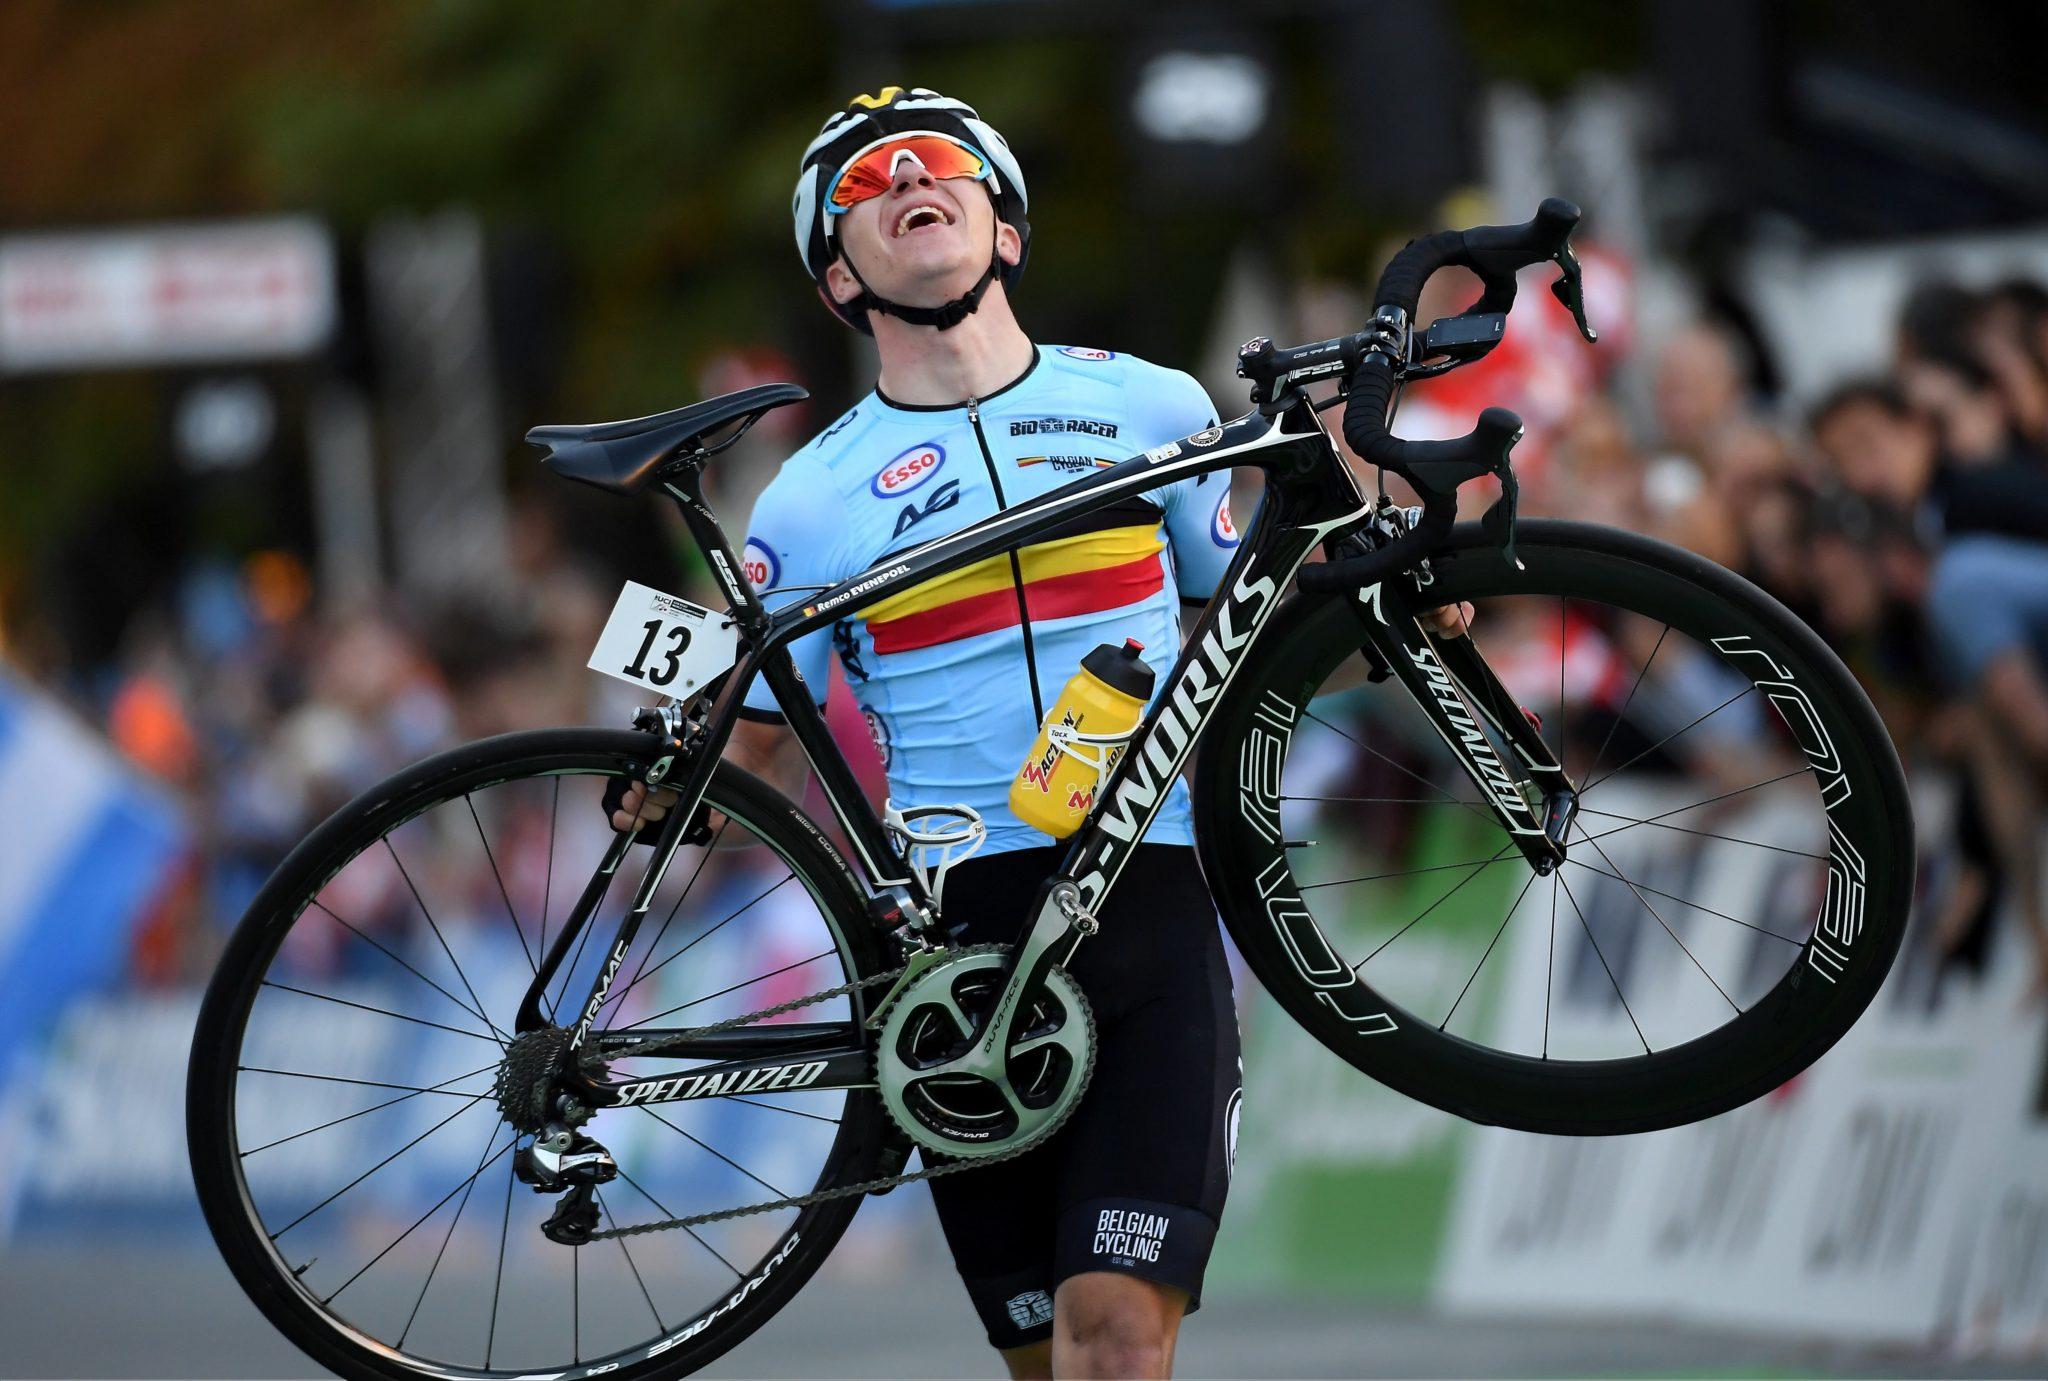 Zwycięzca Belg Remco Evenpoel na mecie wyścigu ze startu wspólnego juniorów podczas kolarskich mistrzostw świata w Innsbrucku, fot. Bartłomiej Zborowski PAP